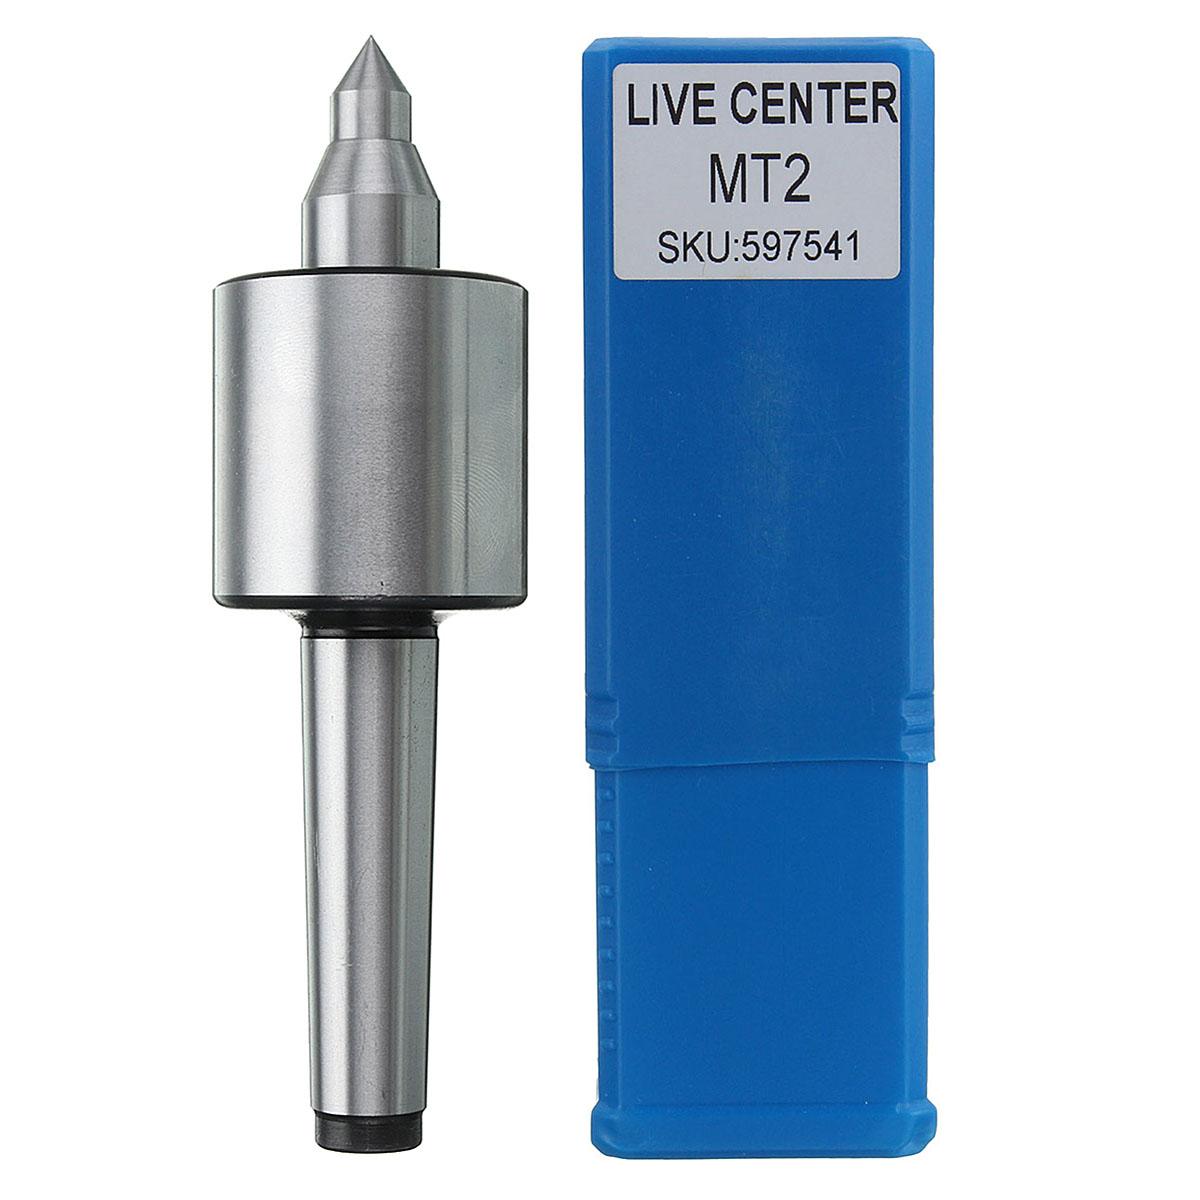 [해외]실버 MT2 스핀들 선반 라이브 센터 모스 테이퍼 CNC 공구 0.000197 인치 정밀/Silver MT2 Spindle Lathe Live Center Morse Taper CNC Tool 0.000197 Inch Precision